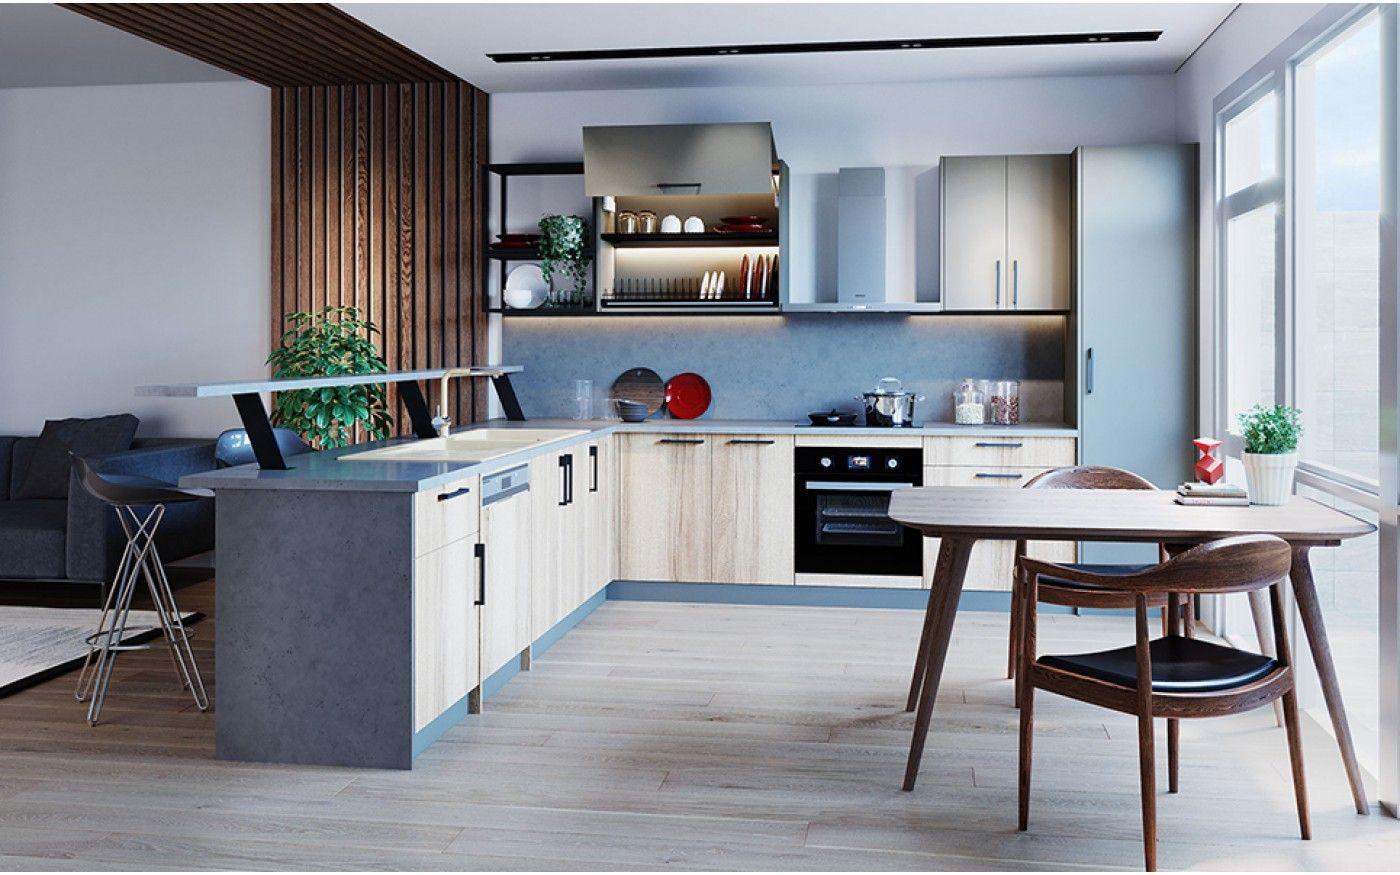 Kinh nghiệm làm tủ bếp đẹp mà tiết kiệm chi phí